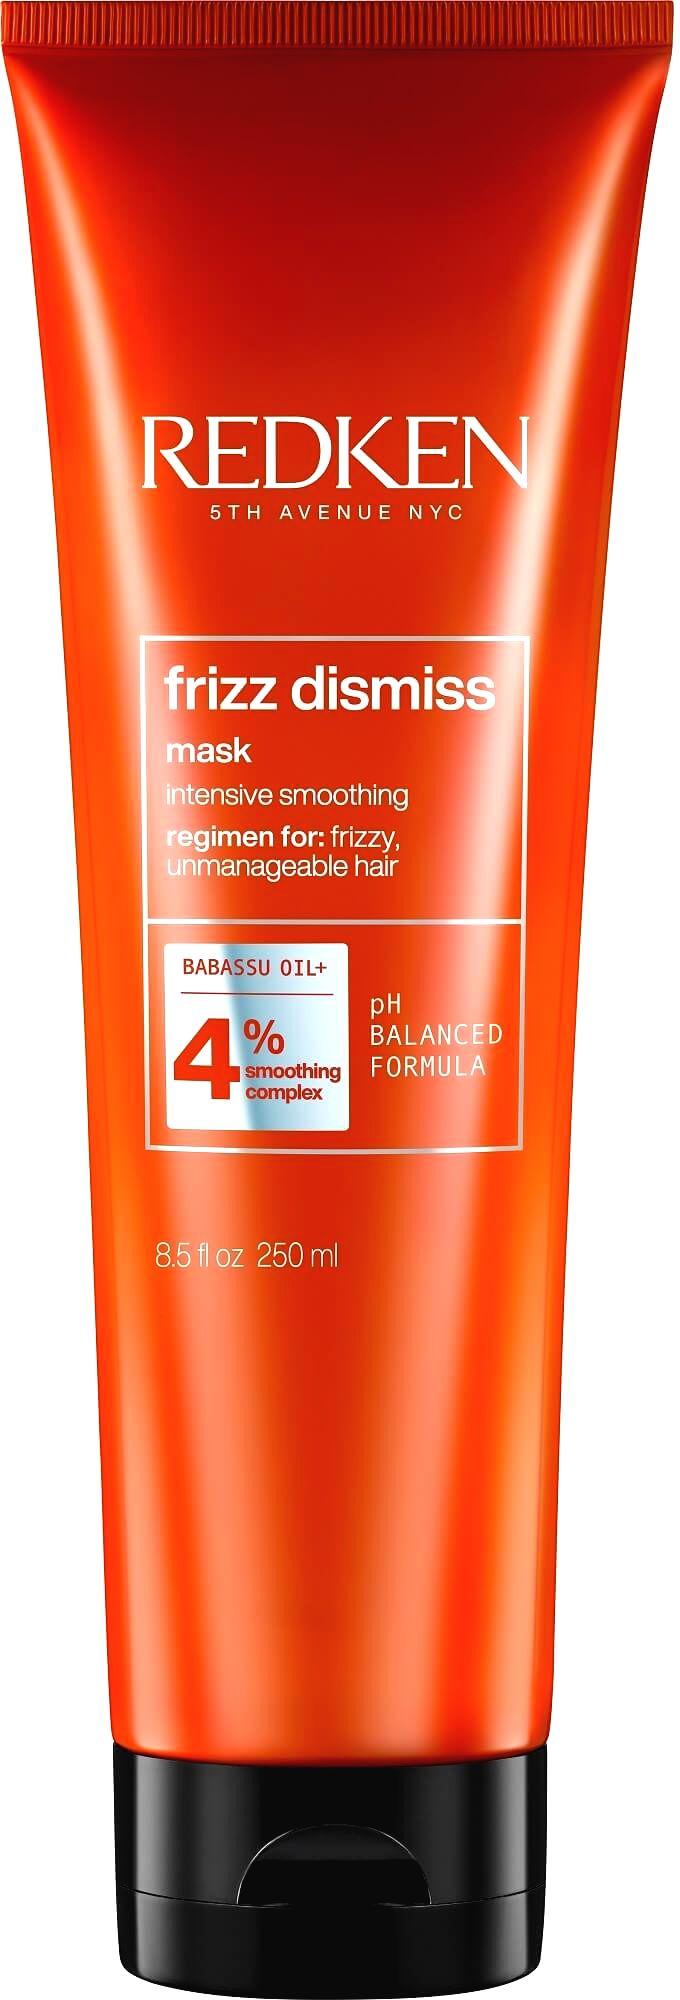 Redken Uhladzujúci maska proti krepovateniu vlasov Frizz Dismiss (Mask)250 ml - nové balení